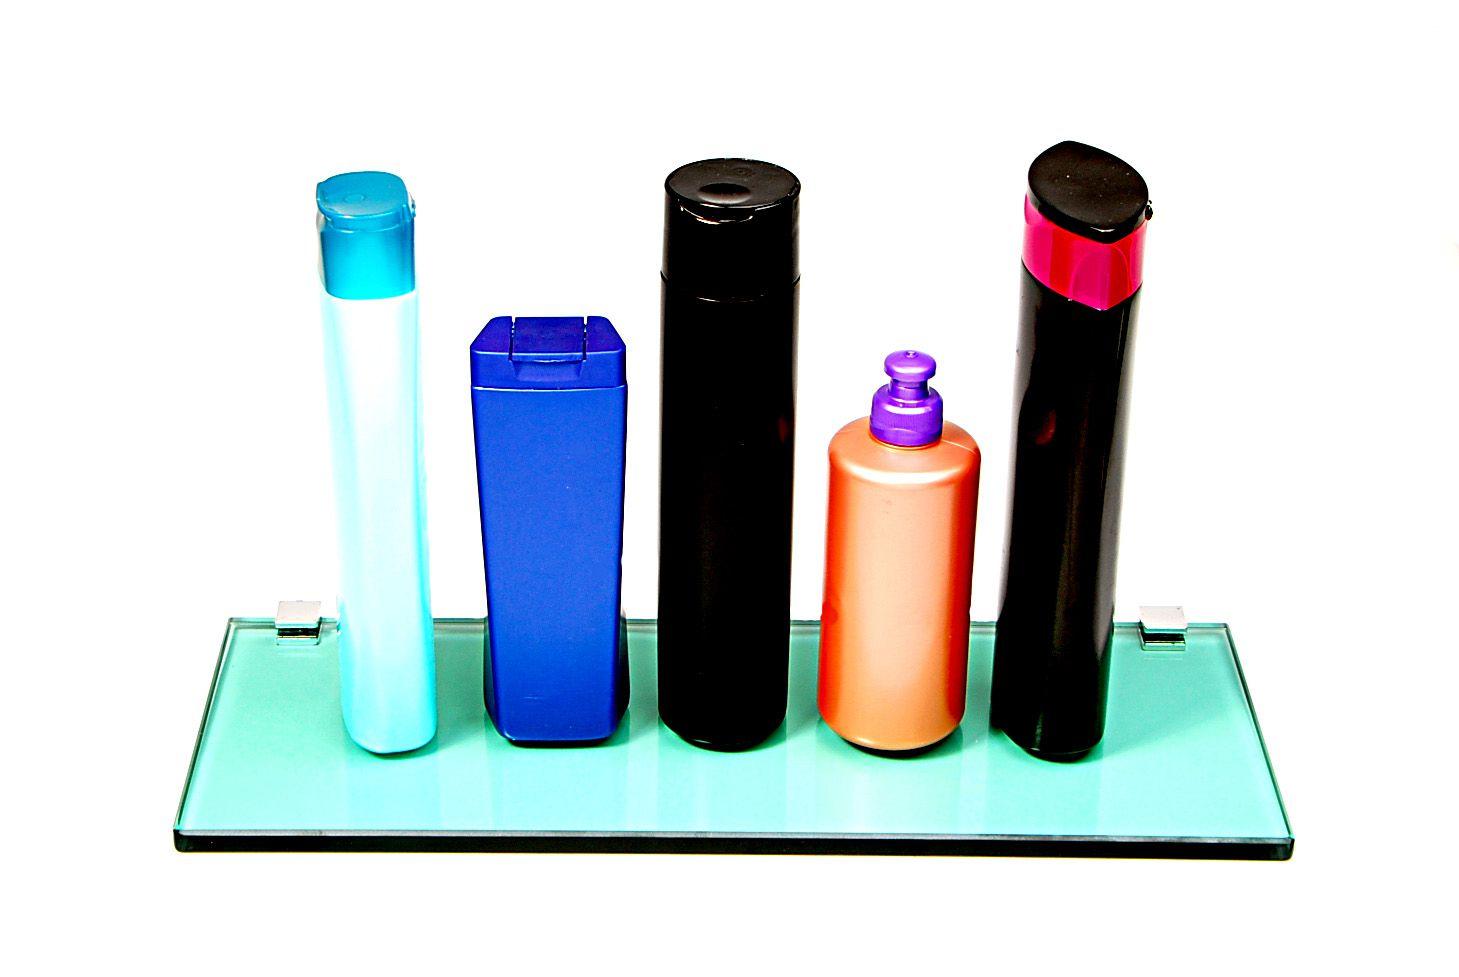 Porta Shampoo Reto em Vidro Verde Lapidado- Aquabox  - 40cmx14cmx10mm